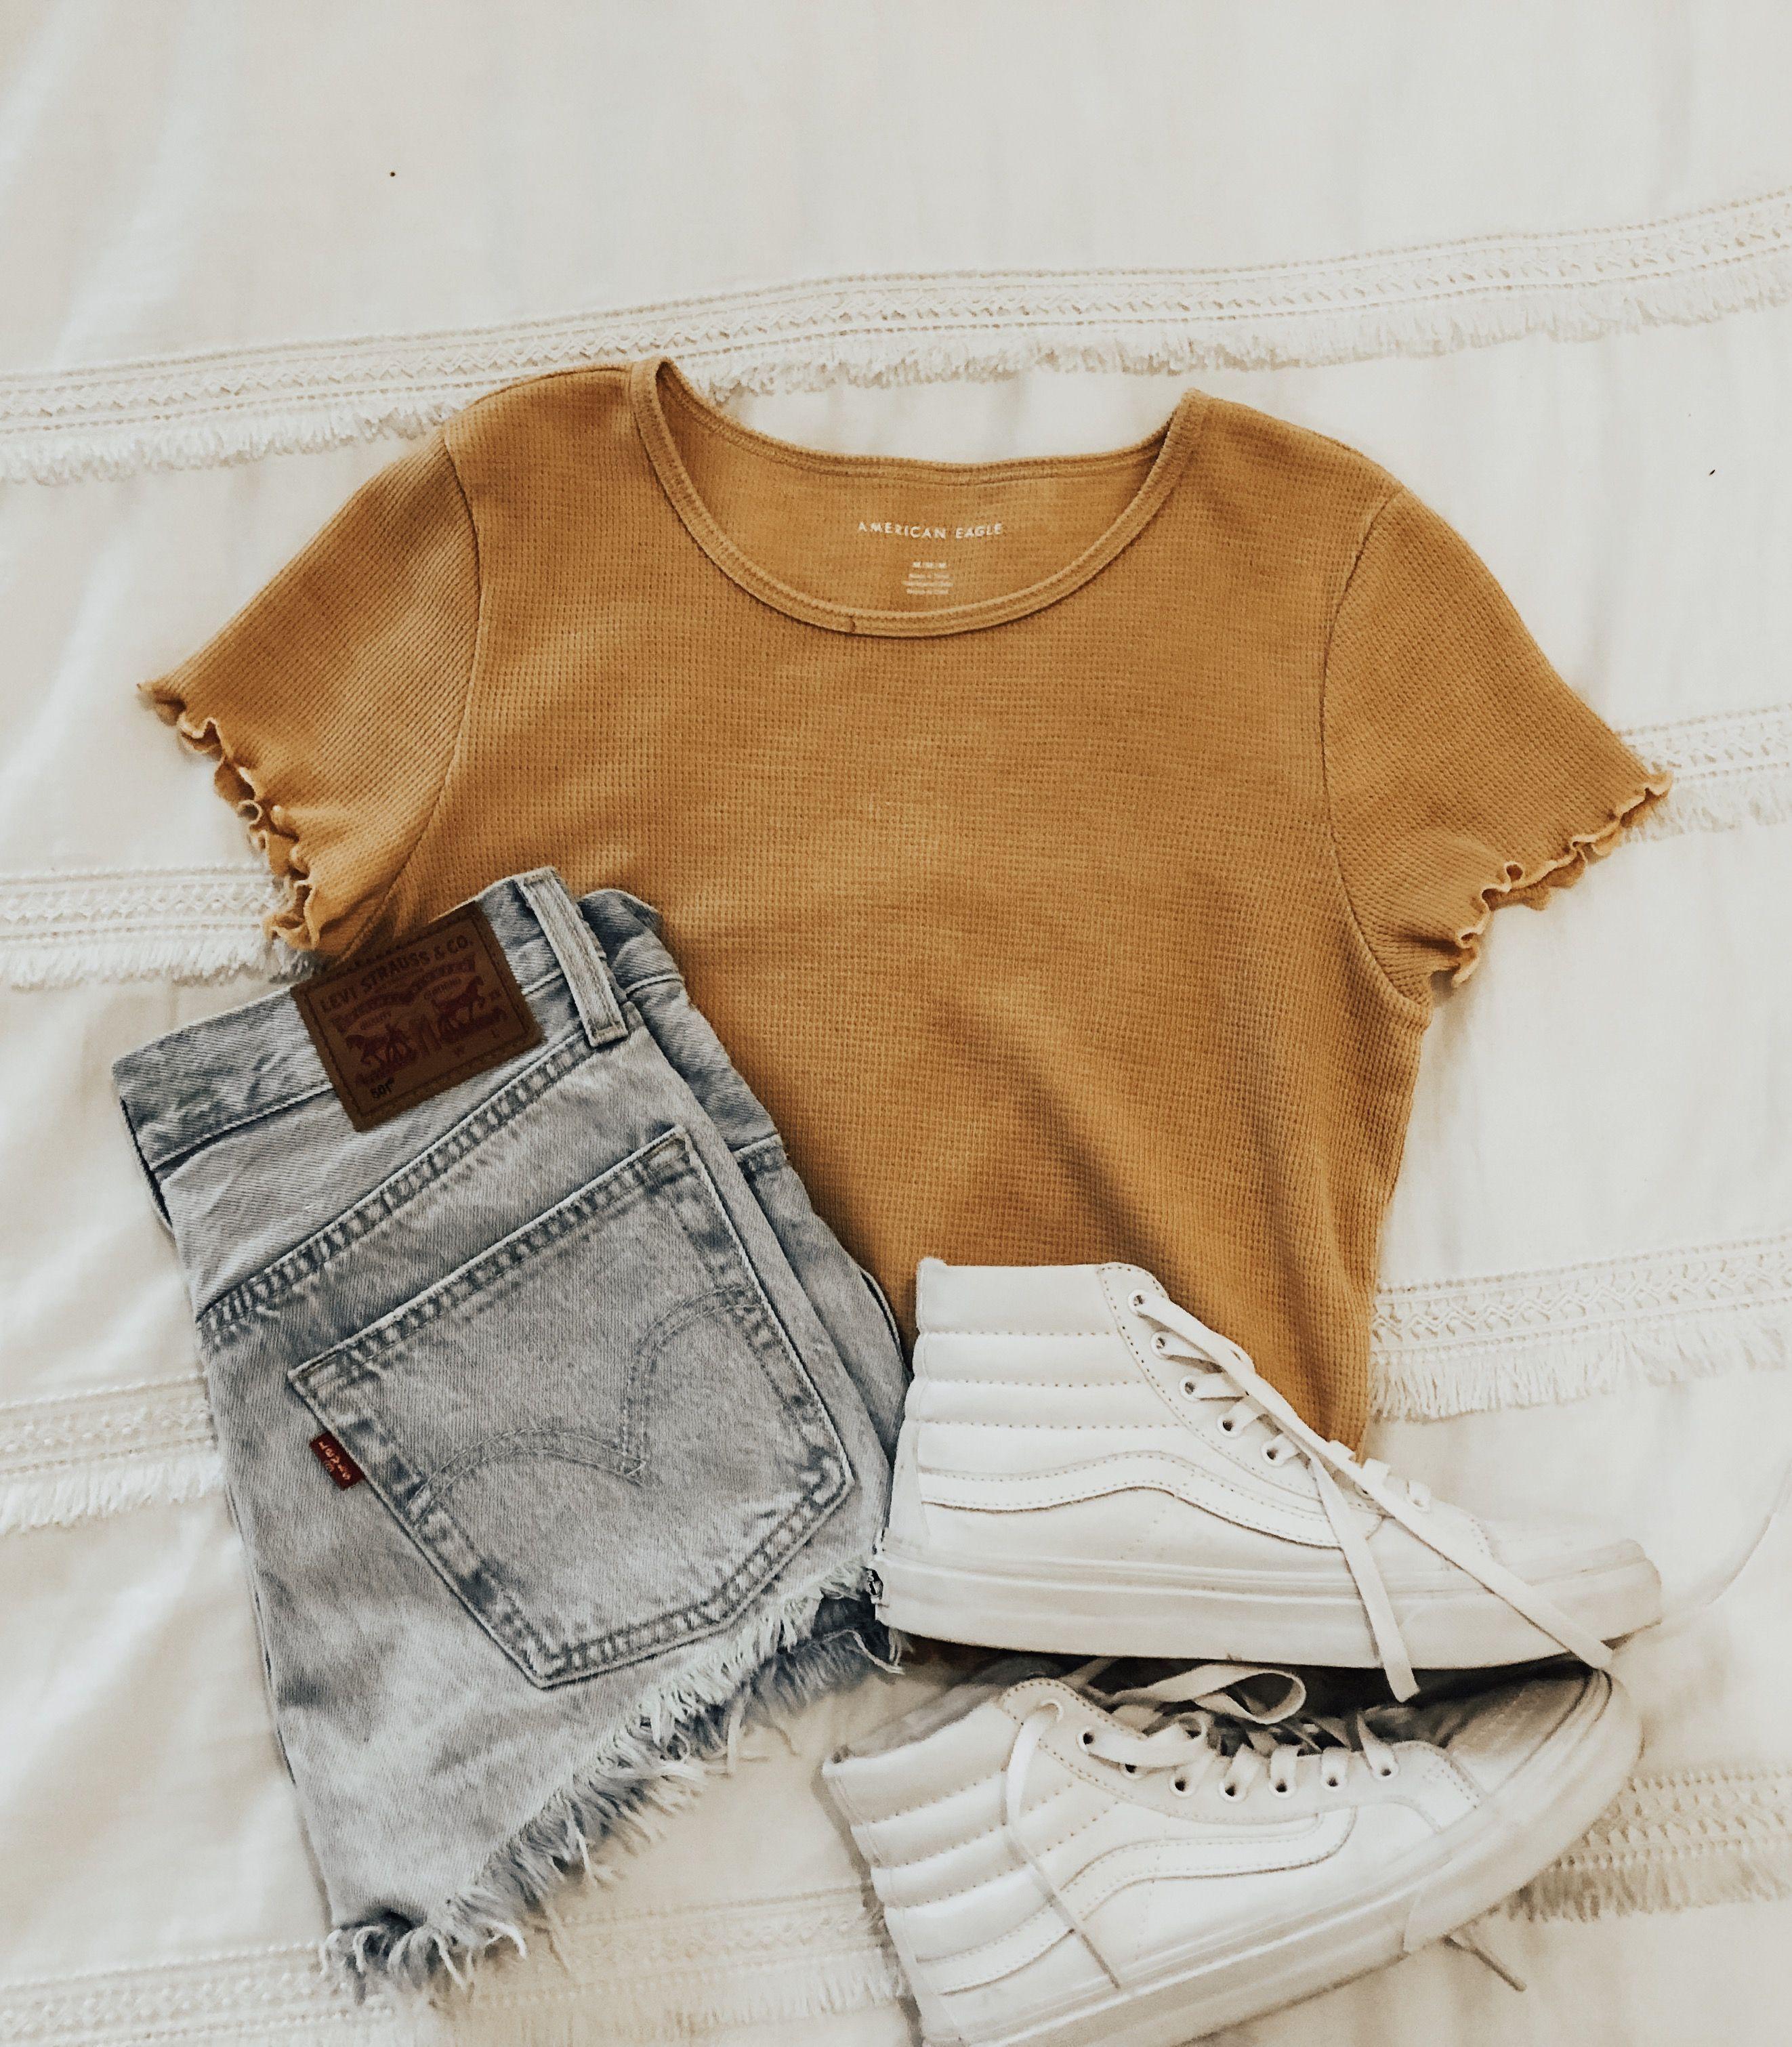 34 Outfit-Ideen für weiße Turnschuhe für Damen für den Frühling | Weiße Turnschuhe Outfits | Süße lässige Outfits - Welcome to Blog